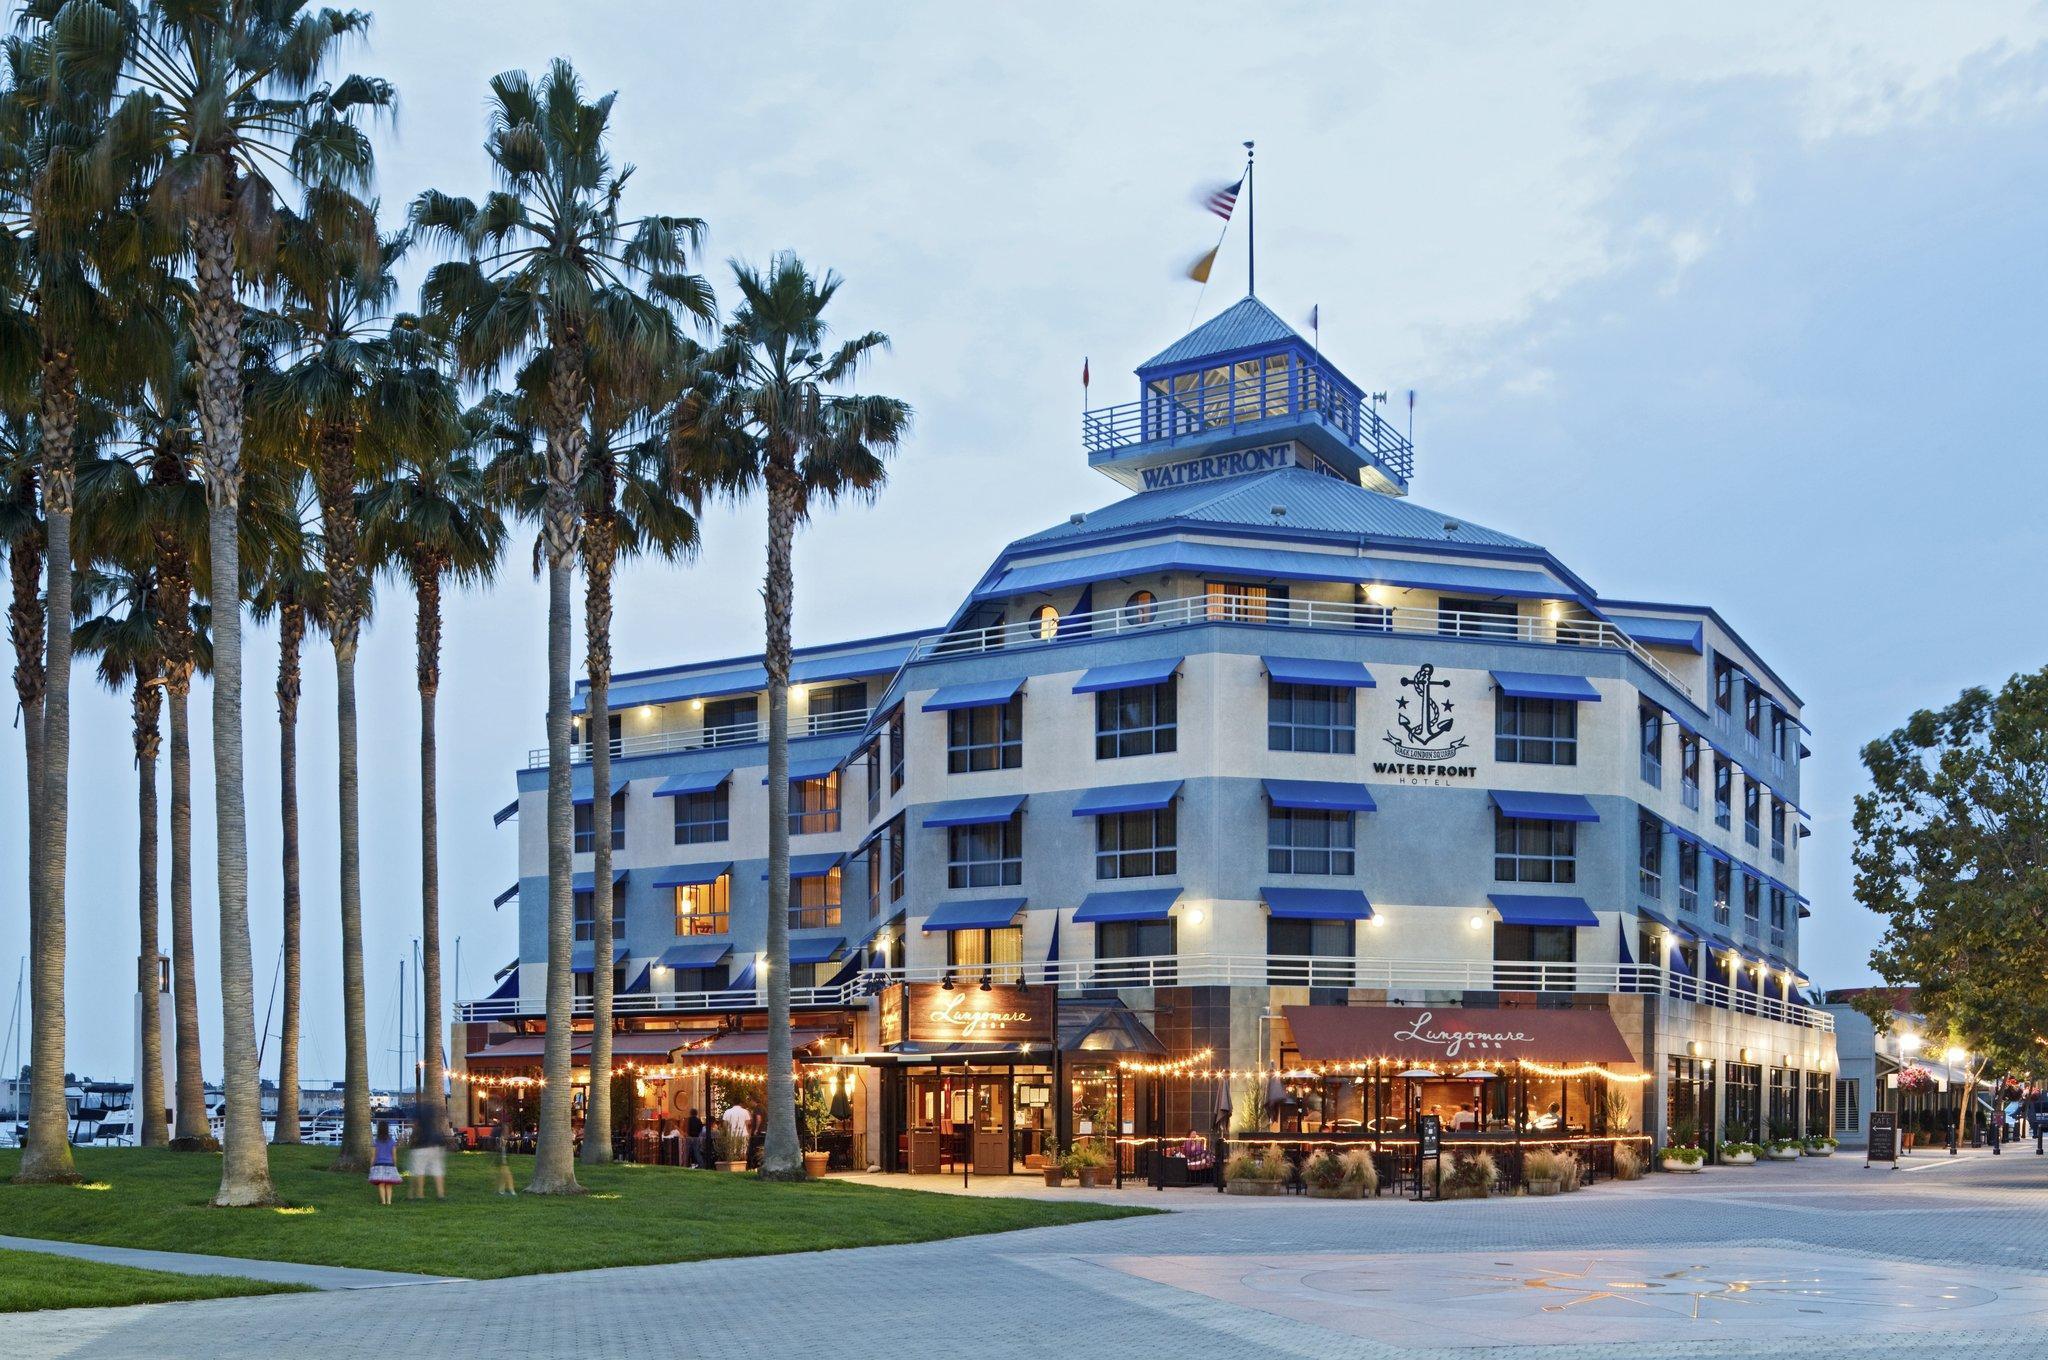 Waterfront Hotel A Joie De Vivre Hotel